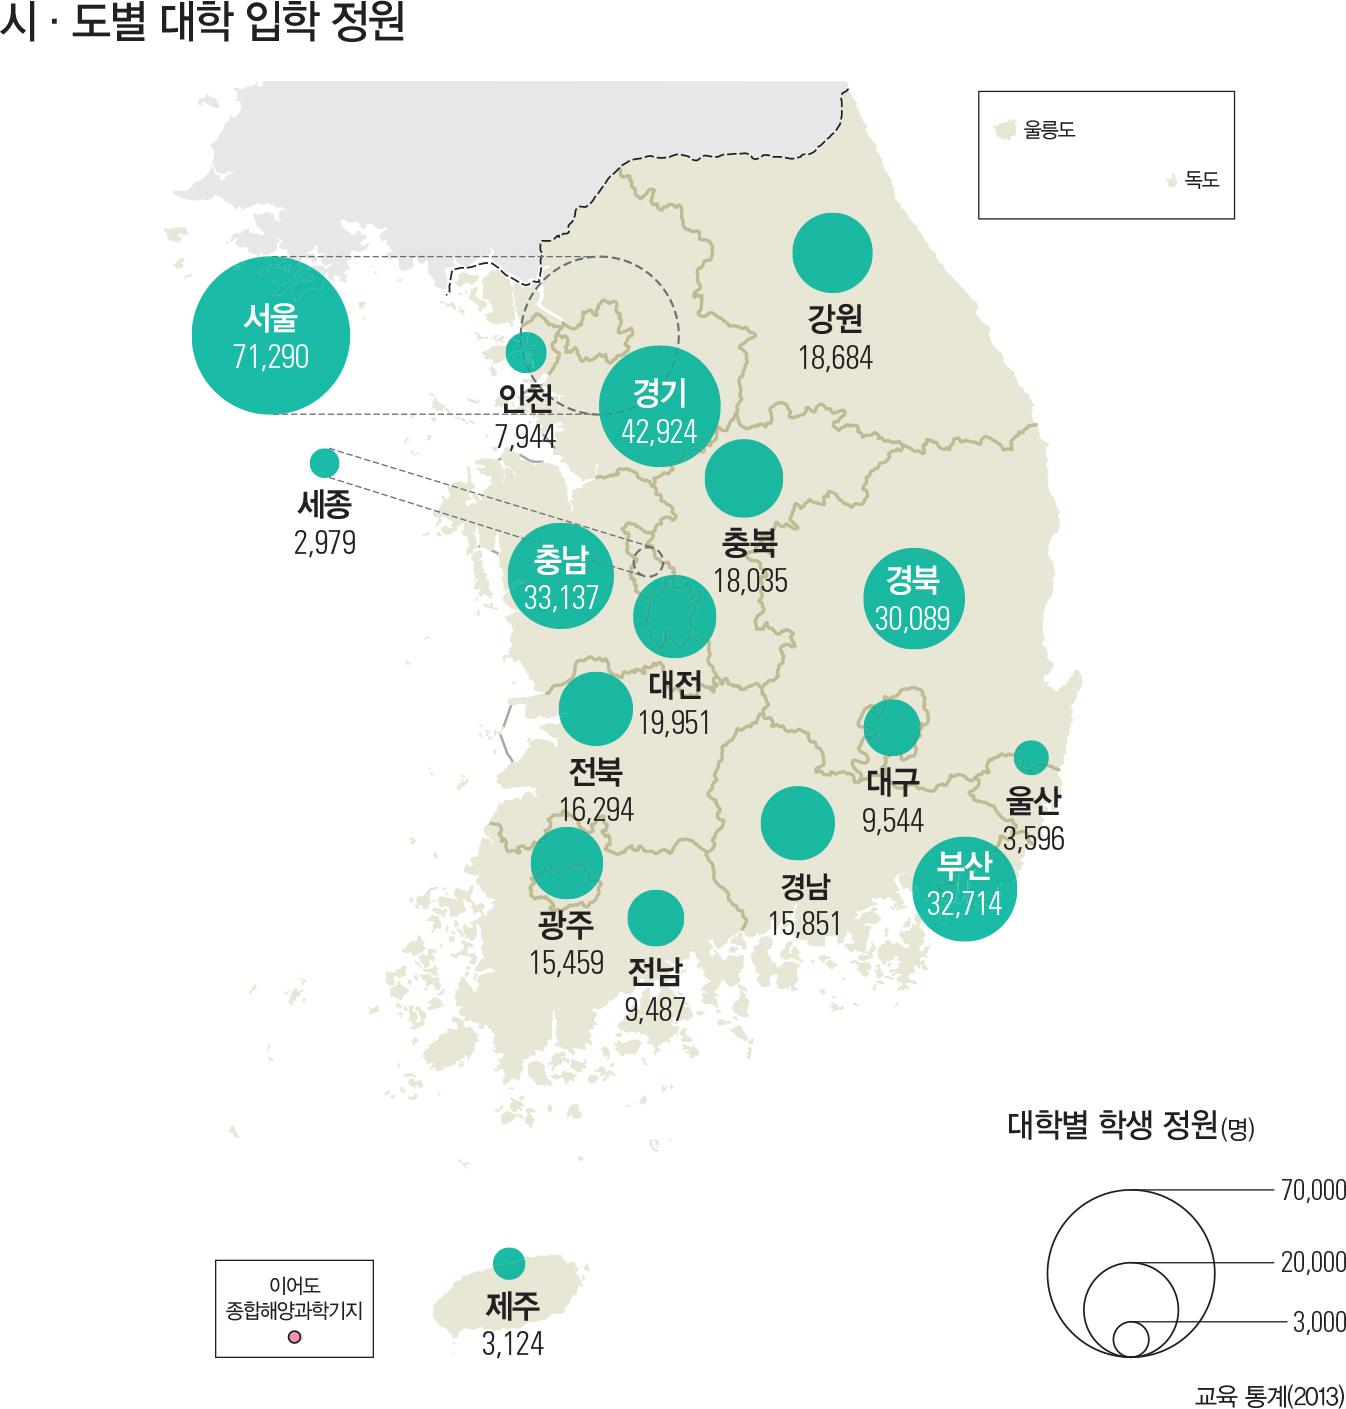 시·도별 대학 입학 정원